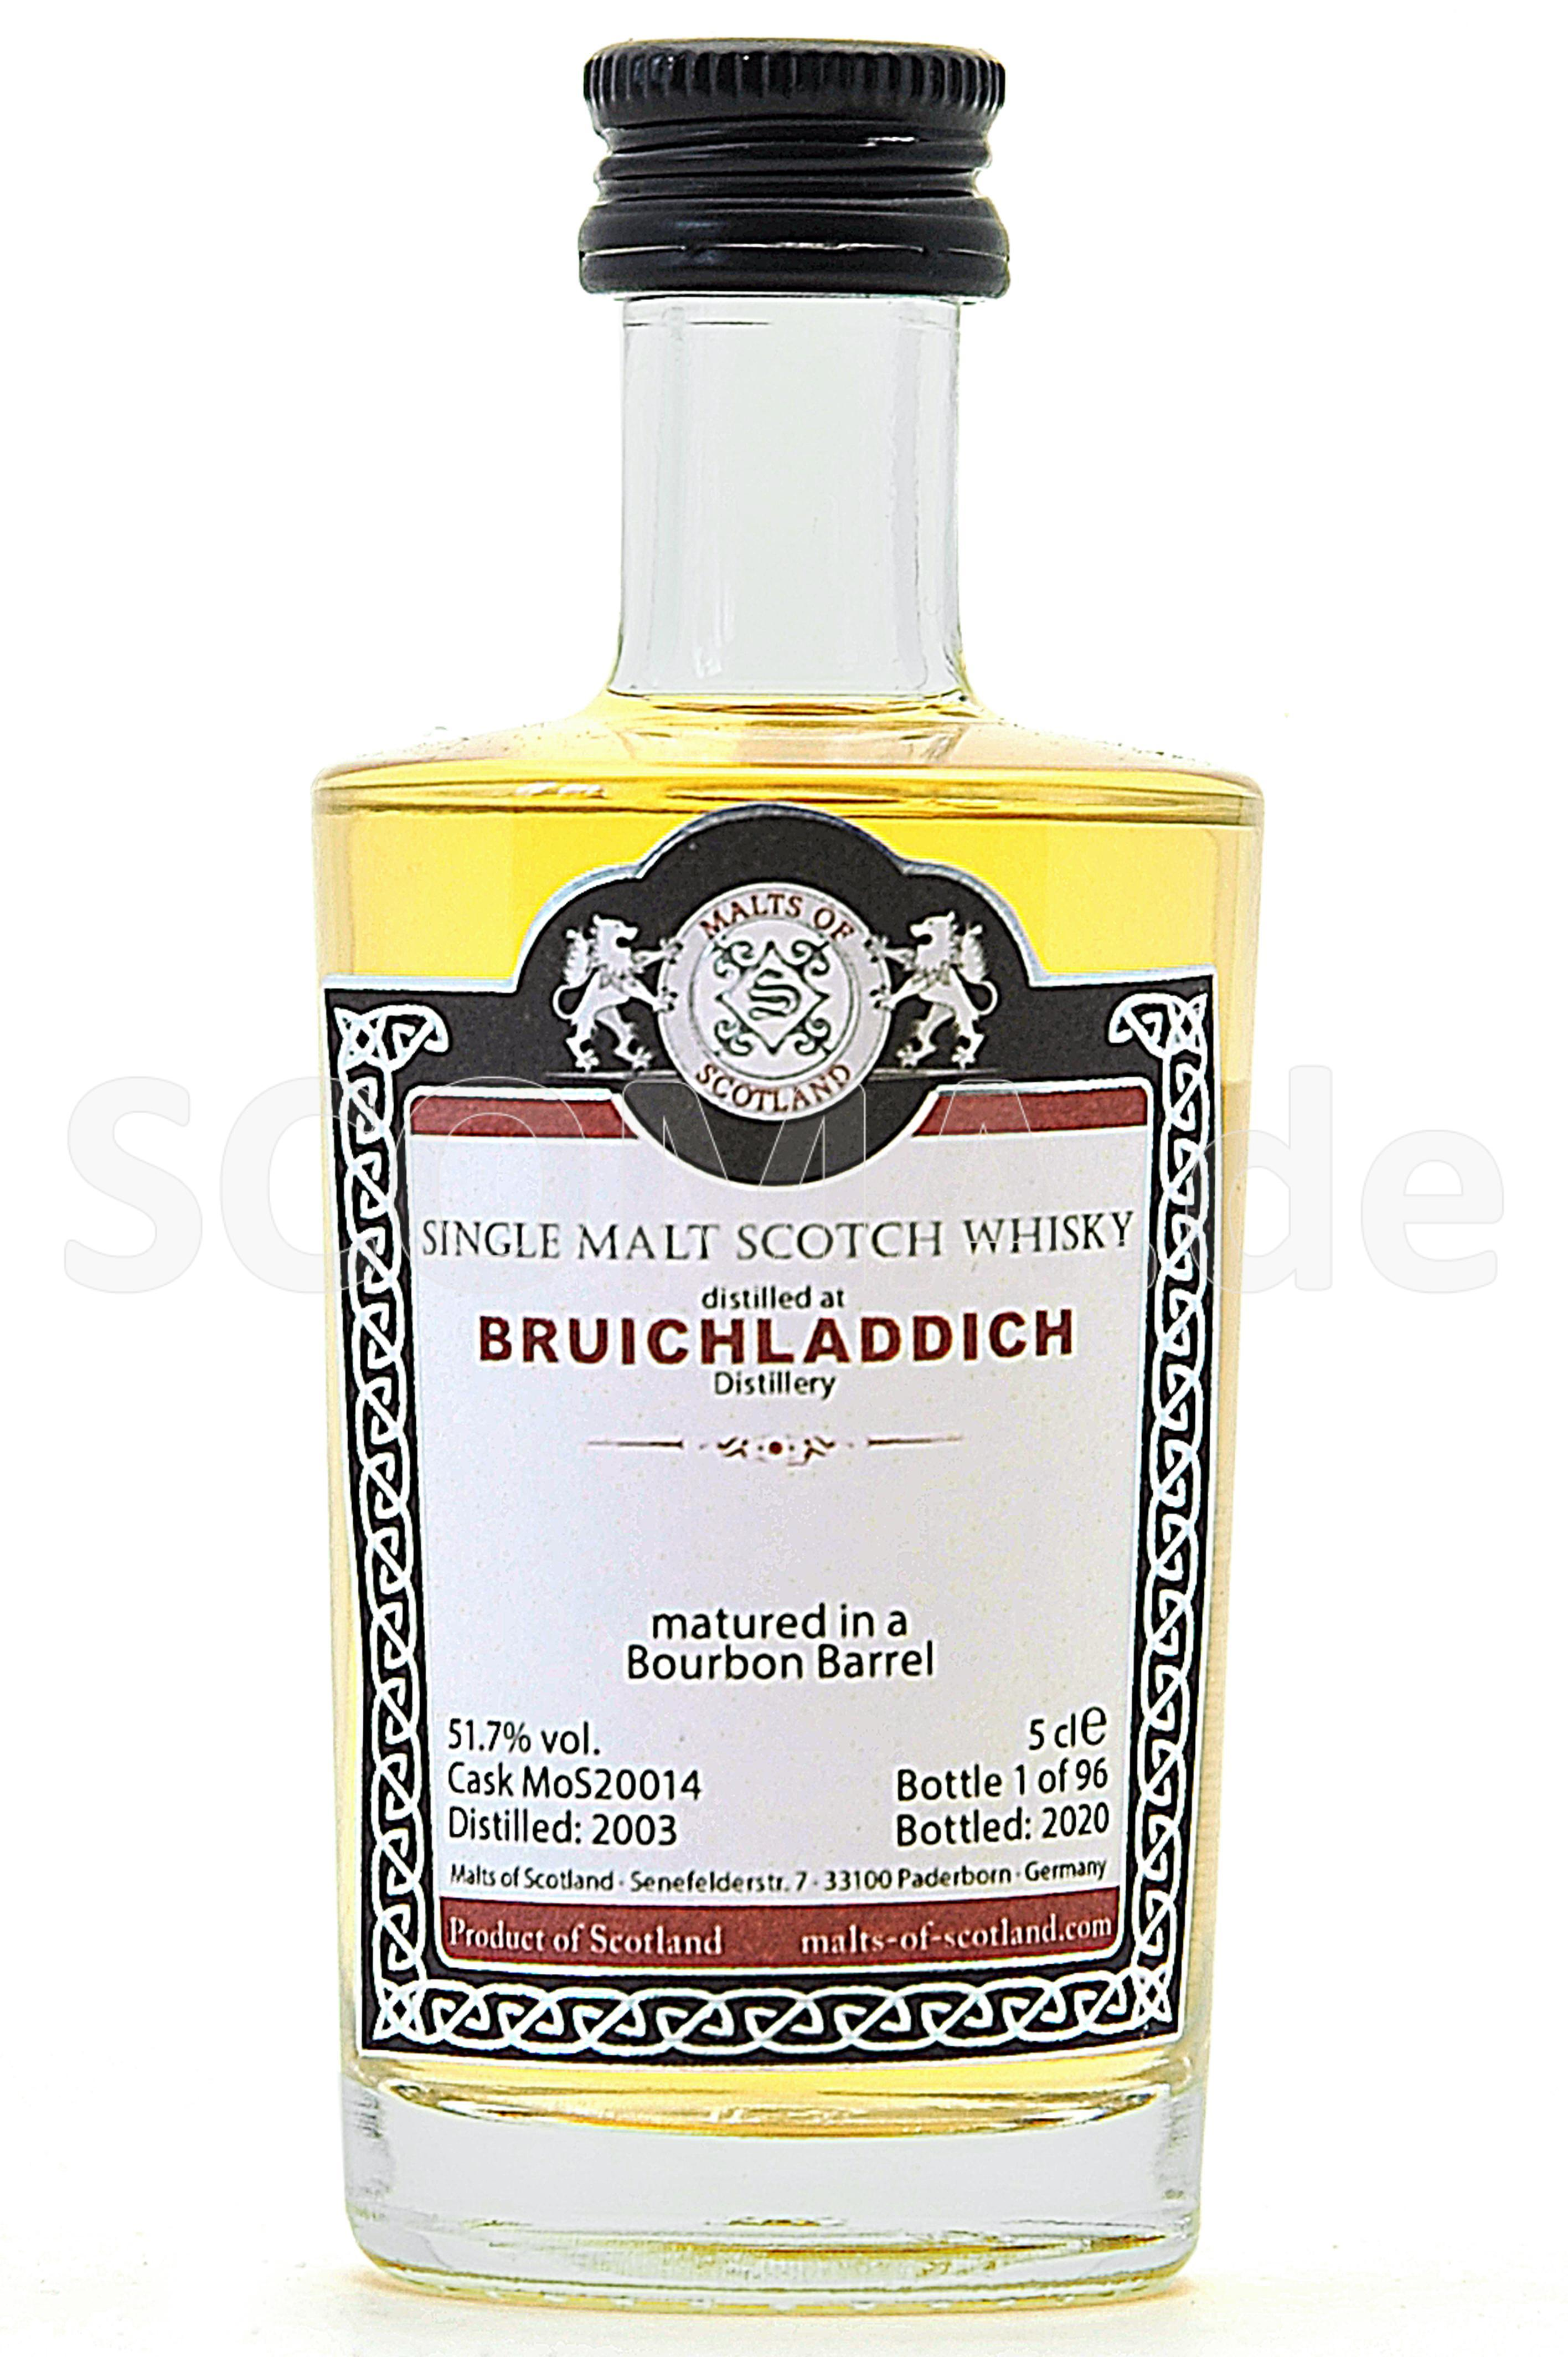 Bruichladdich 2003/2020